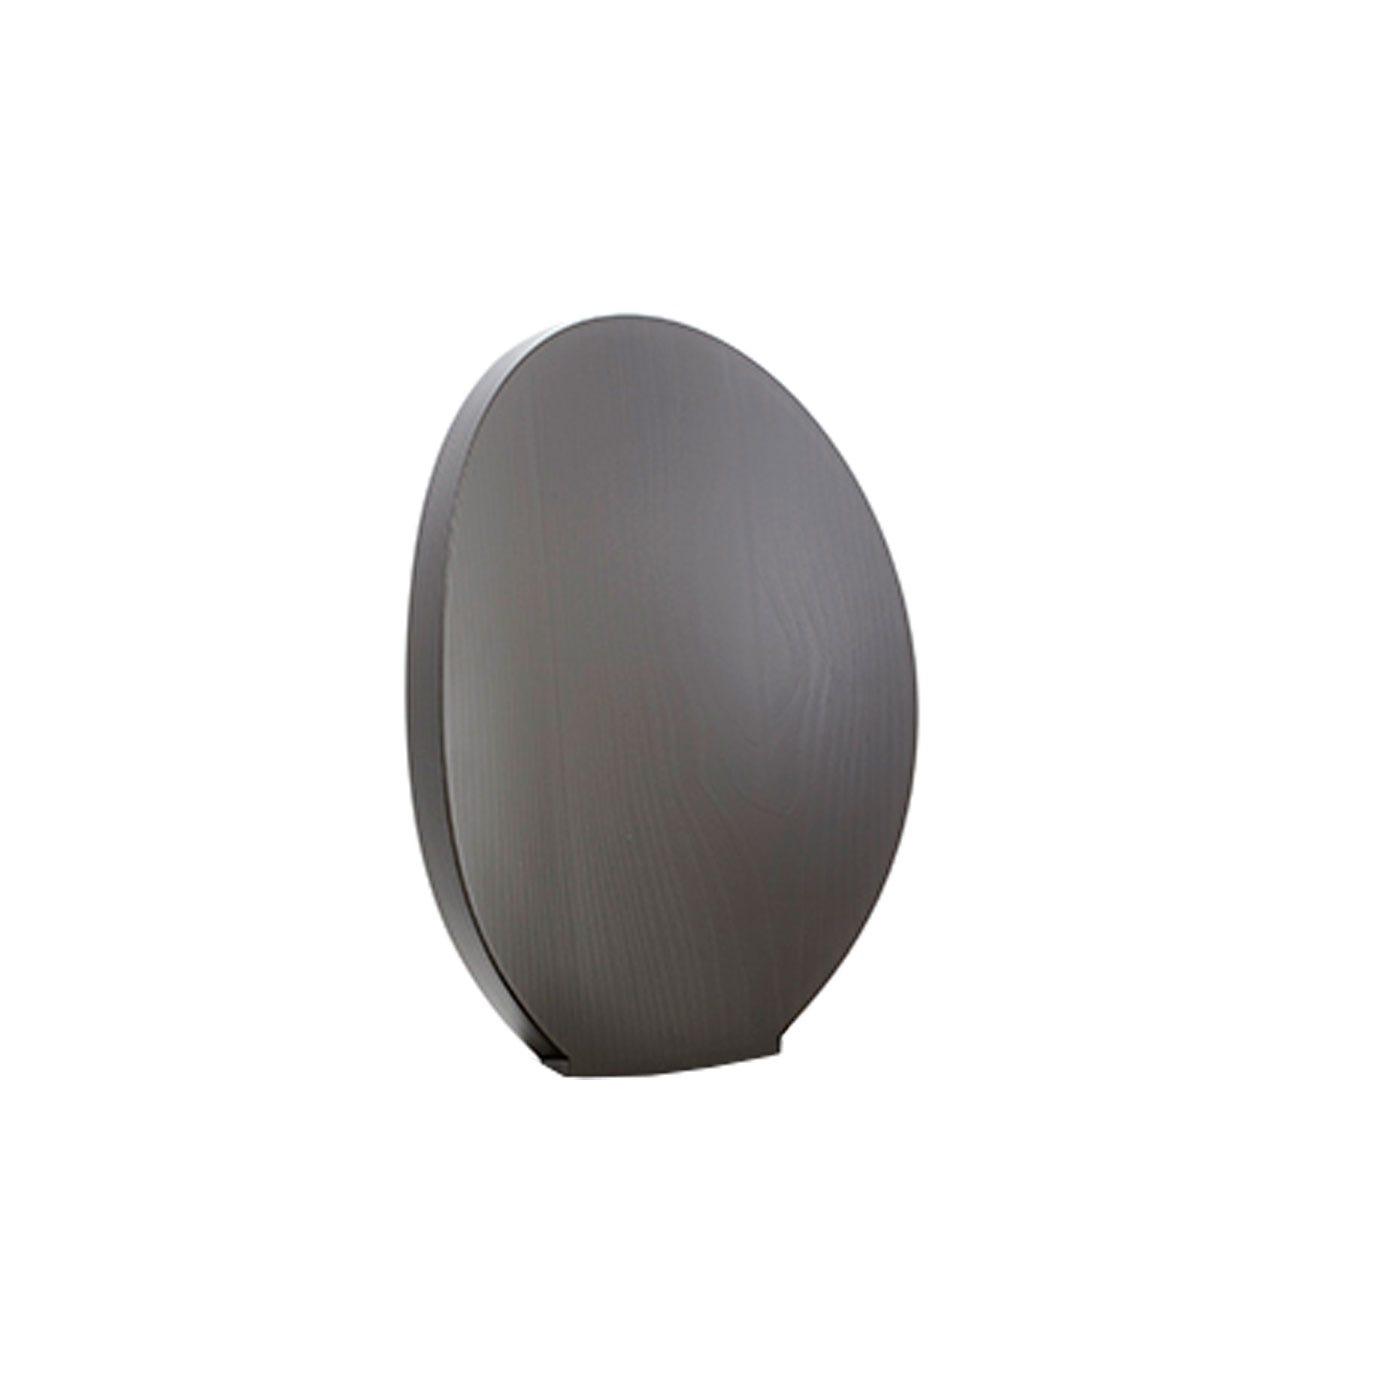 Joa Sekoya Oval Backrest Medium Iron Grey - Discontinued